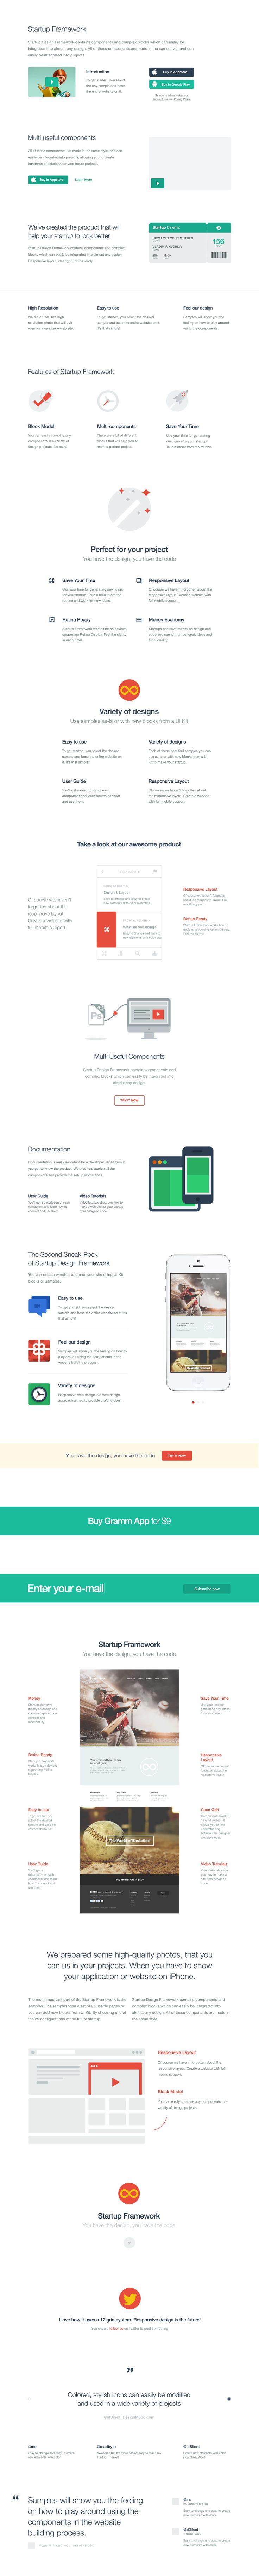 Startup Design Framework - Suit Up your Startup! - Designmodo